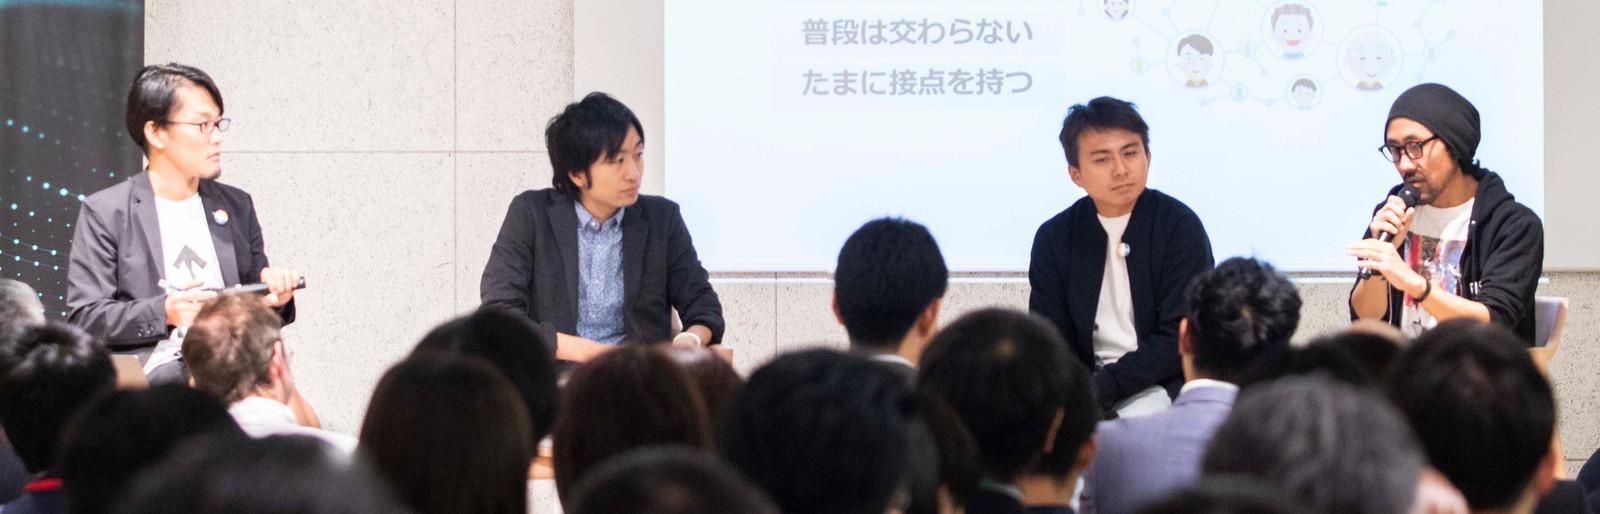 「日本でコレクティブ・インパクトを次々と起こしていくには?」パネルトークの様子